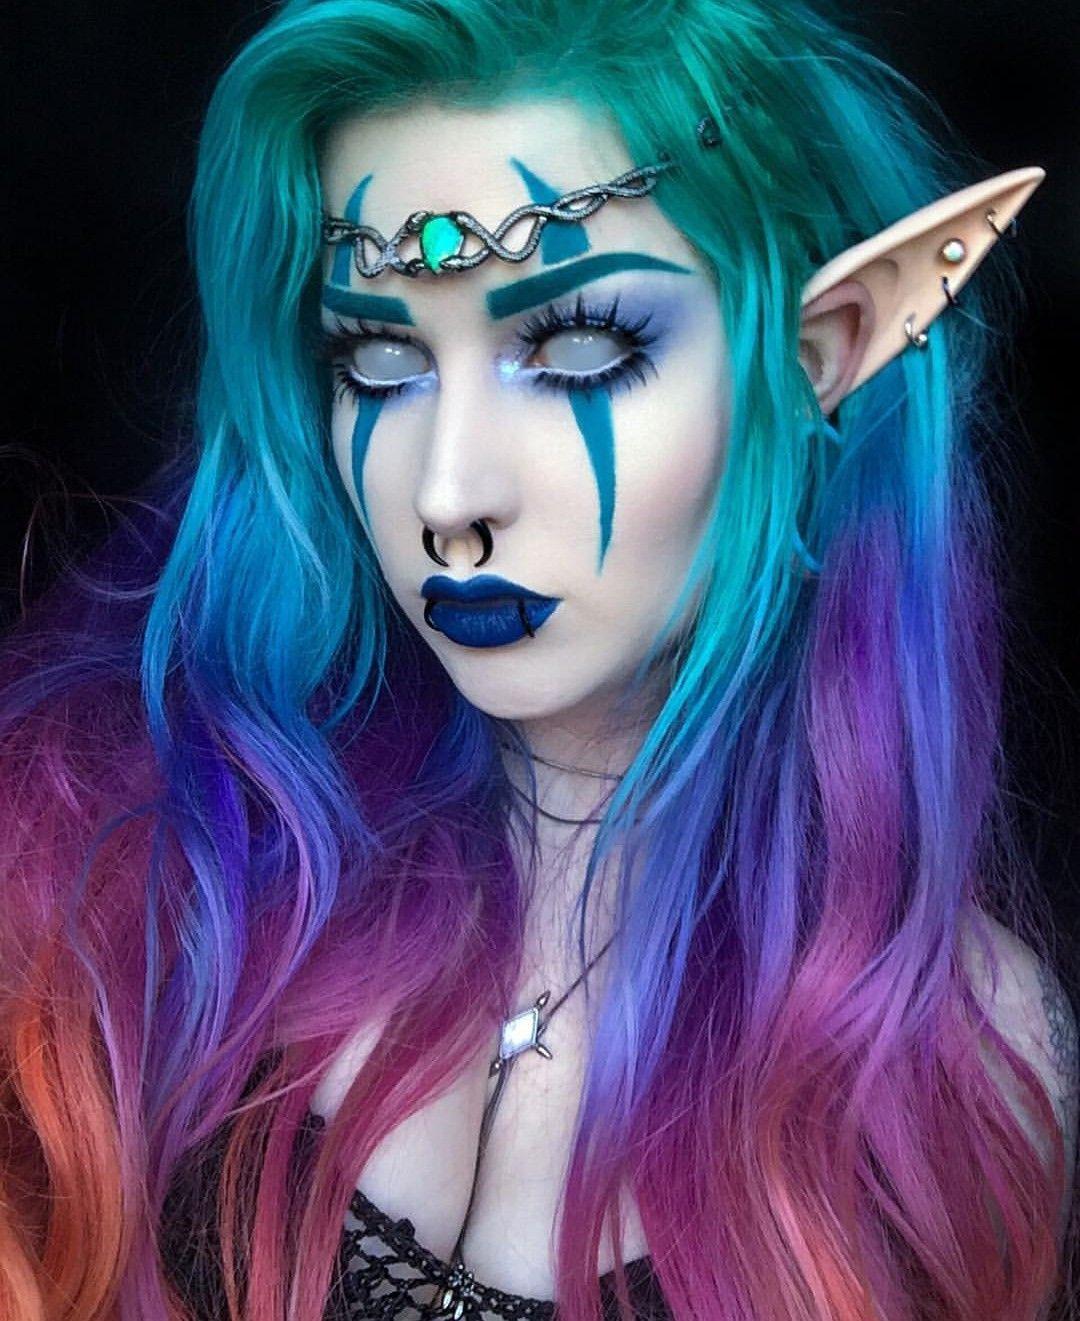 Hadas💕 in 2020 | Cosplay makeup, Halloween makeup, Costume ...